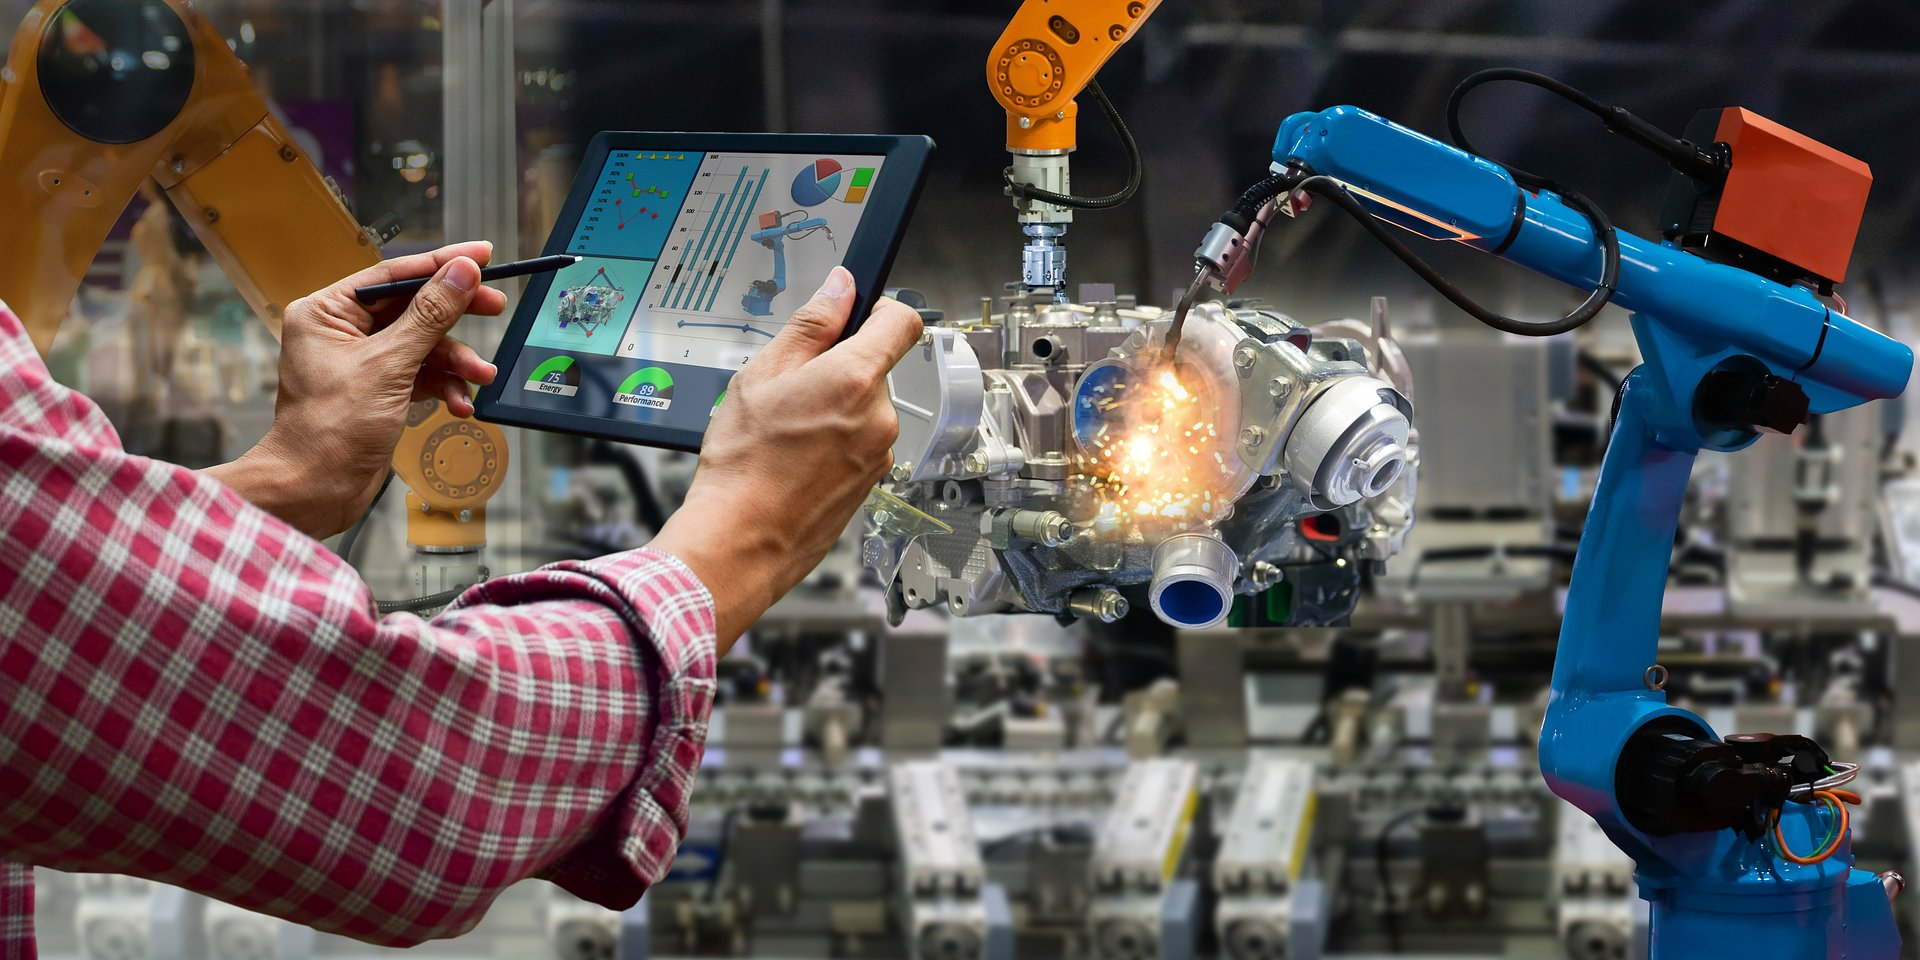 USA: sprzedaż detaliczna i produkcja przemysłowa kontynuują wzrosty